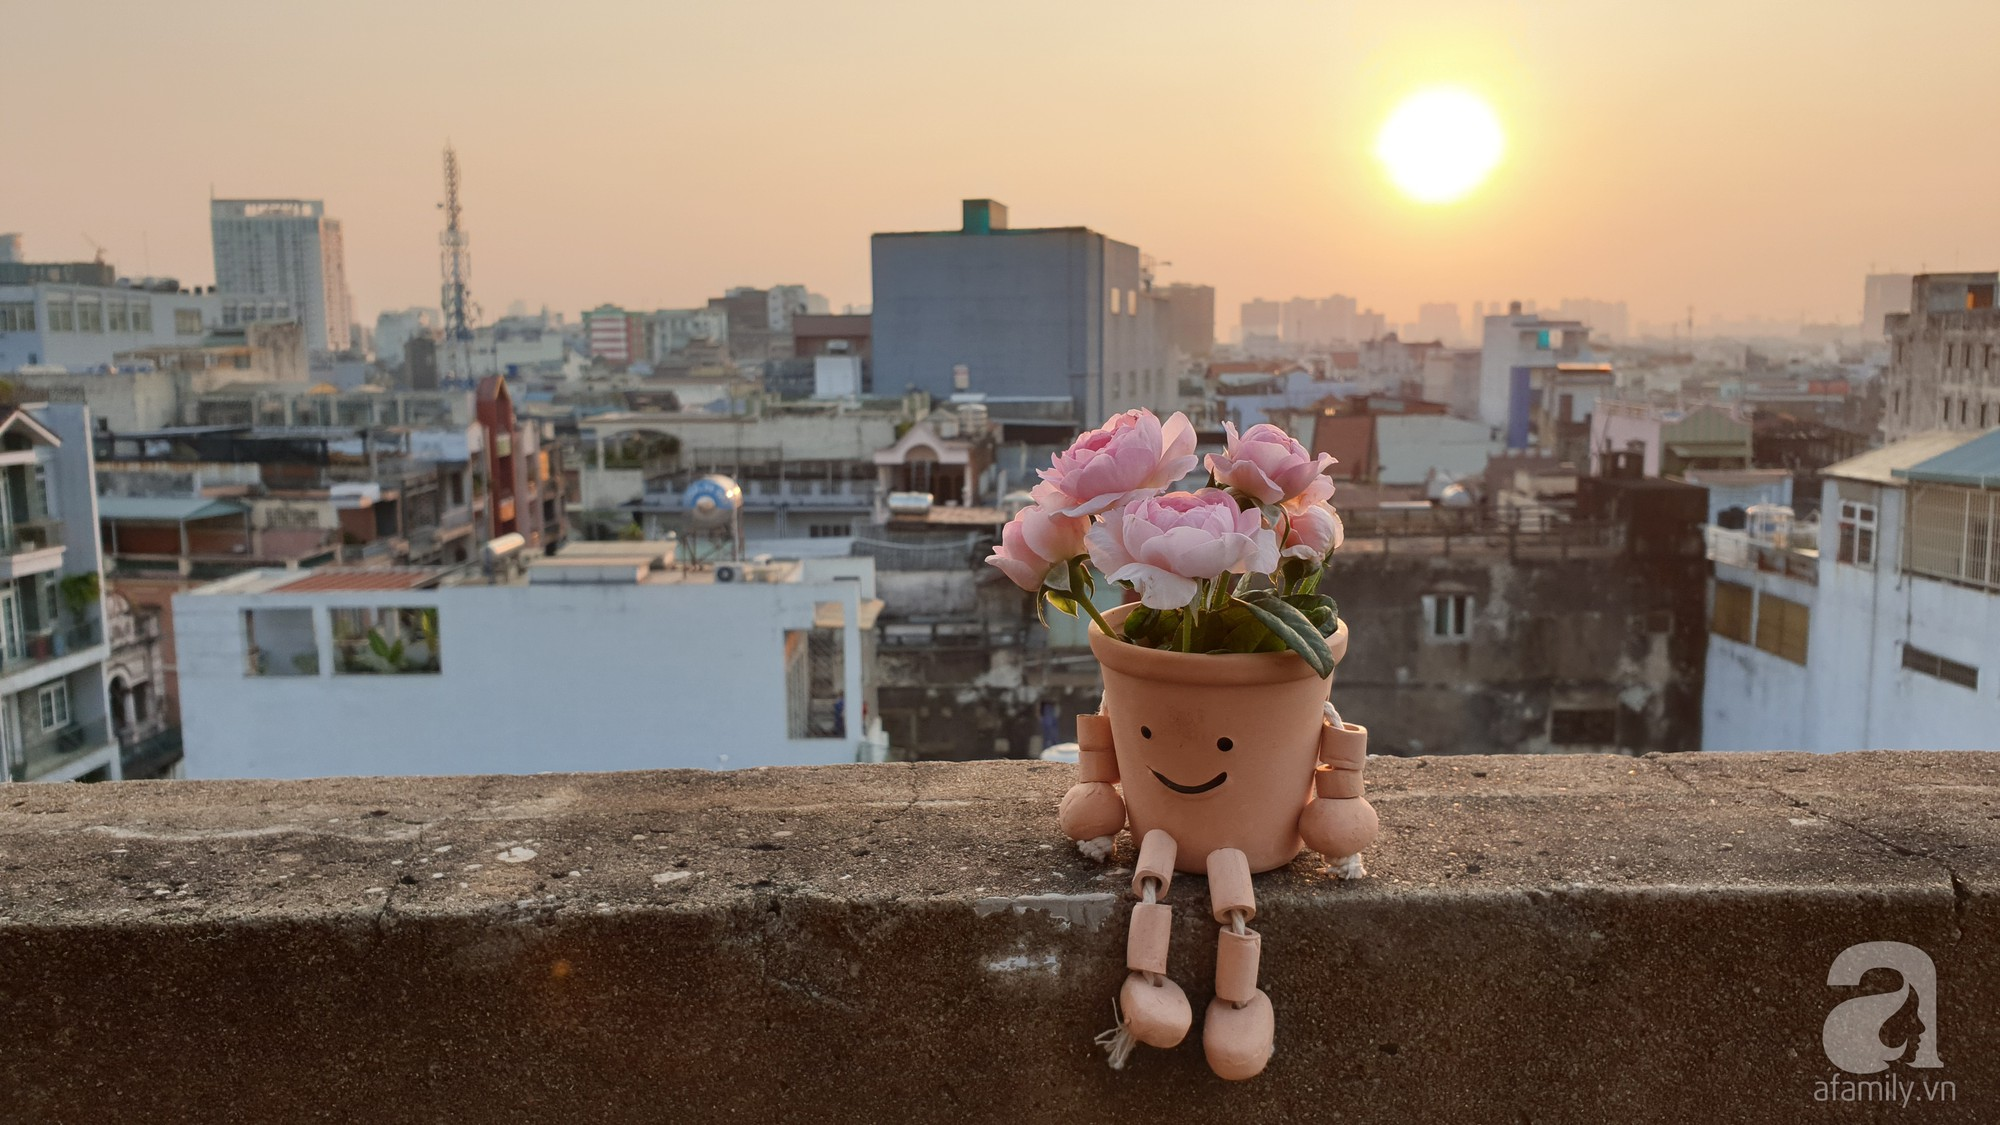 Vườn hồng trên sân thượng rực rỡ sắc màu của chàng trai 8x siêu đảm ở Sài Gòn - Ảnh 17.